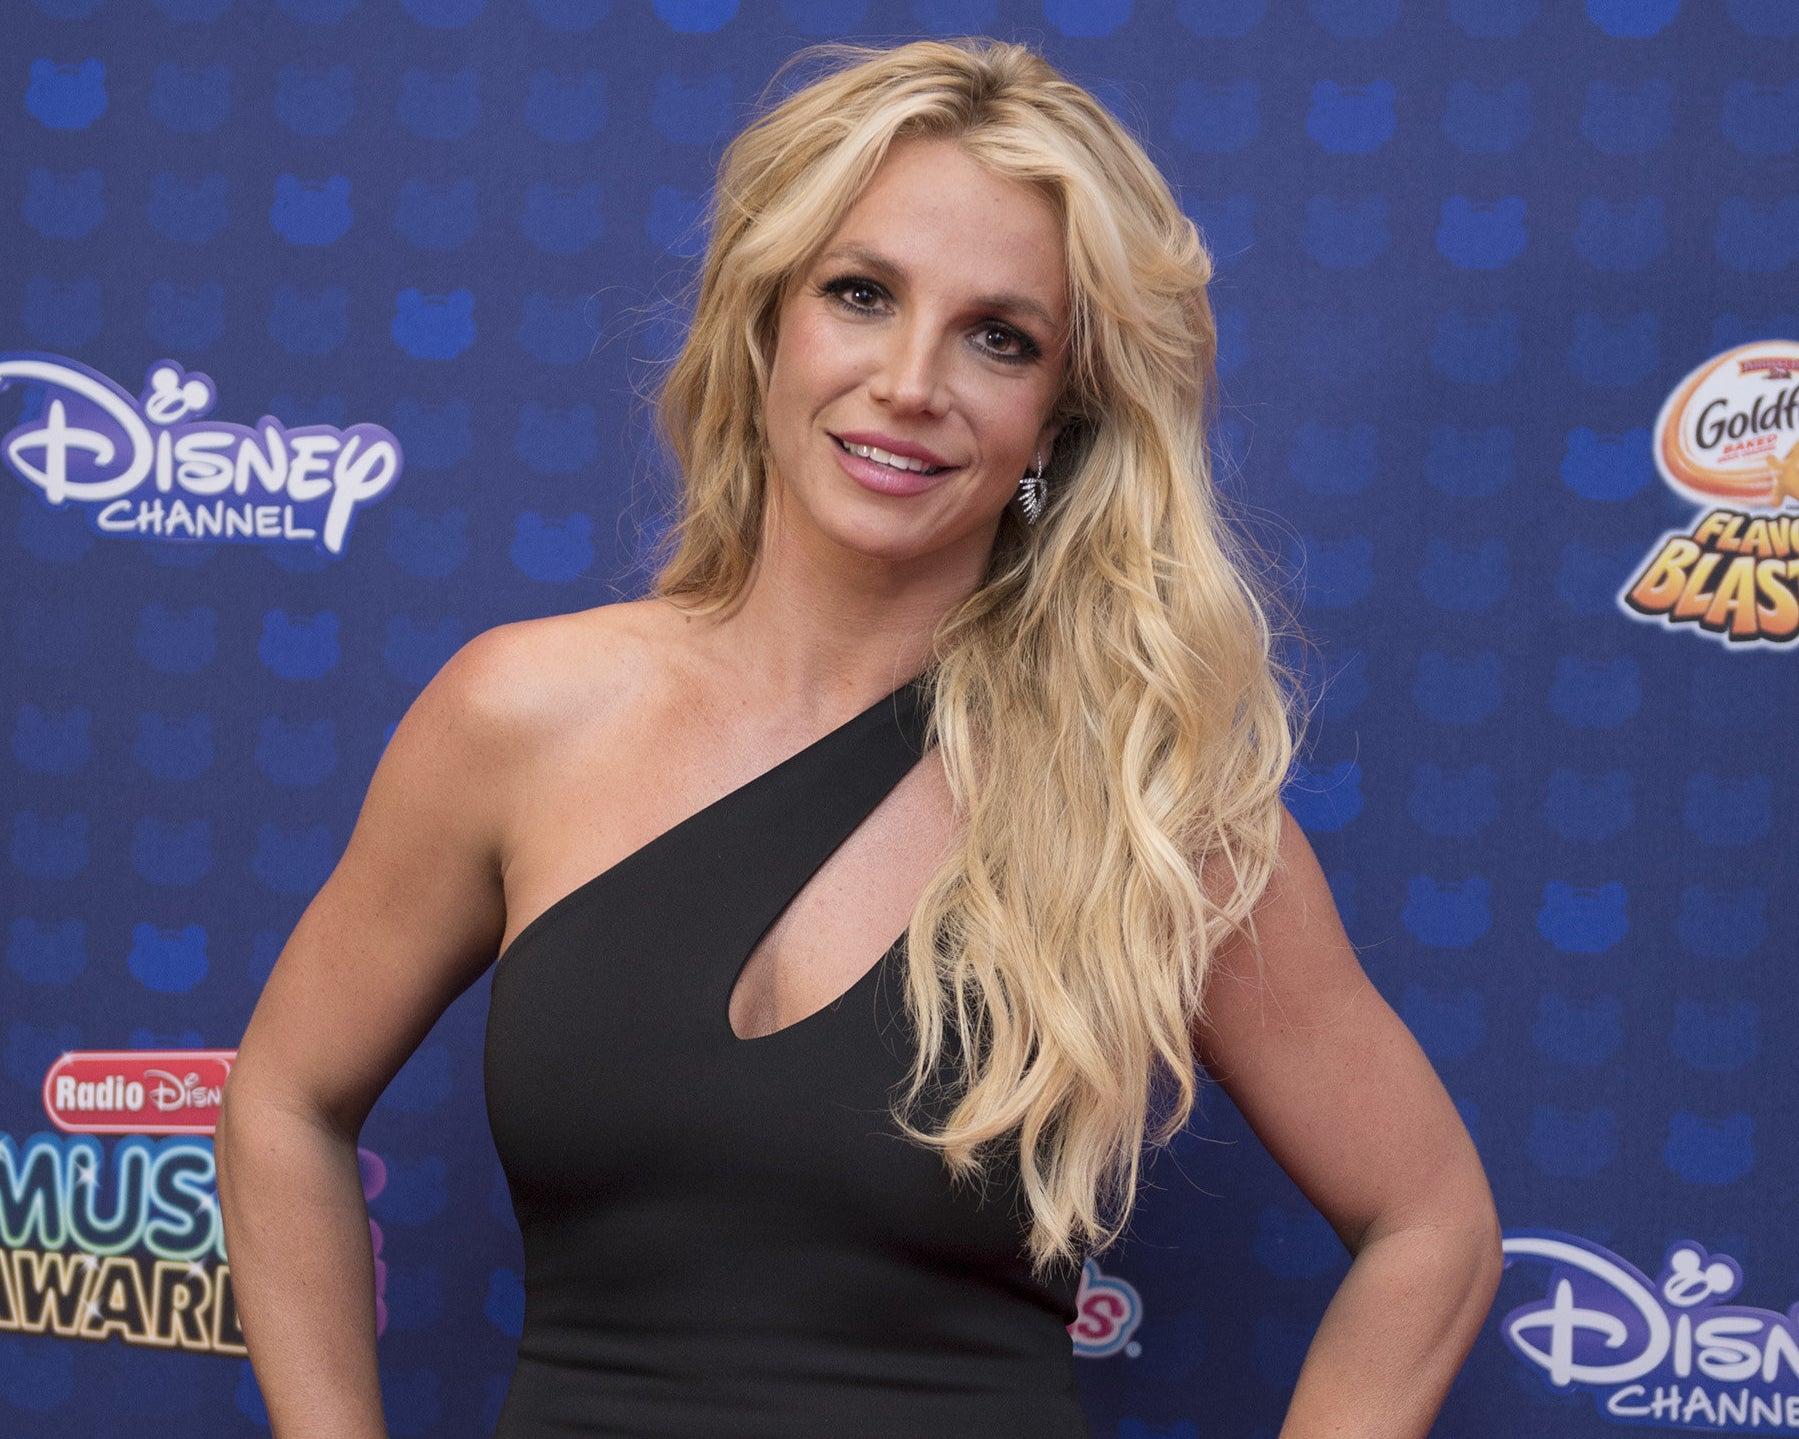 Britney smiles in a black one shoulder dress